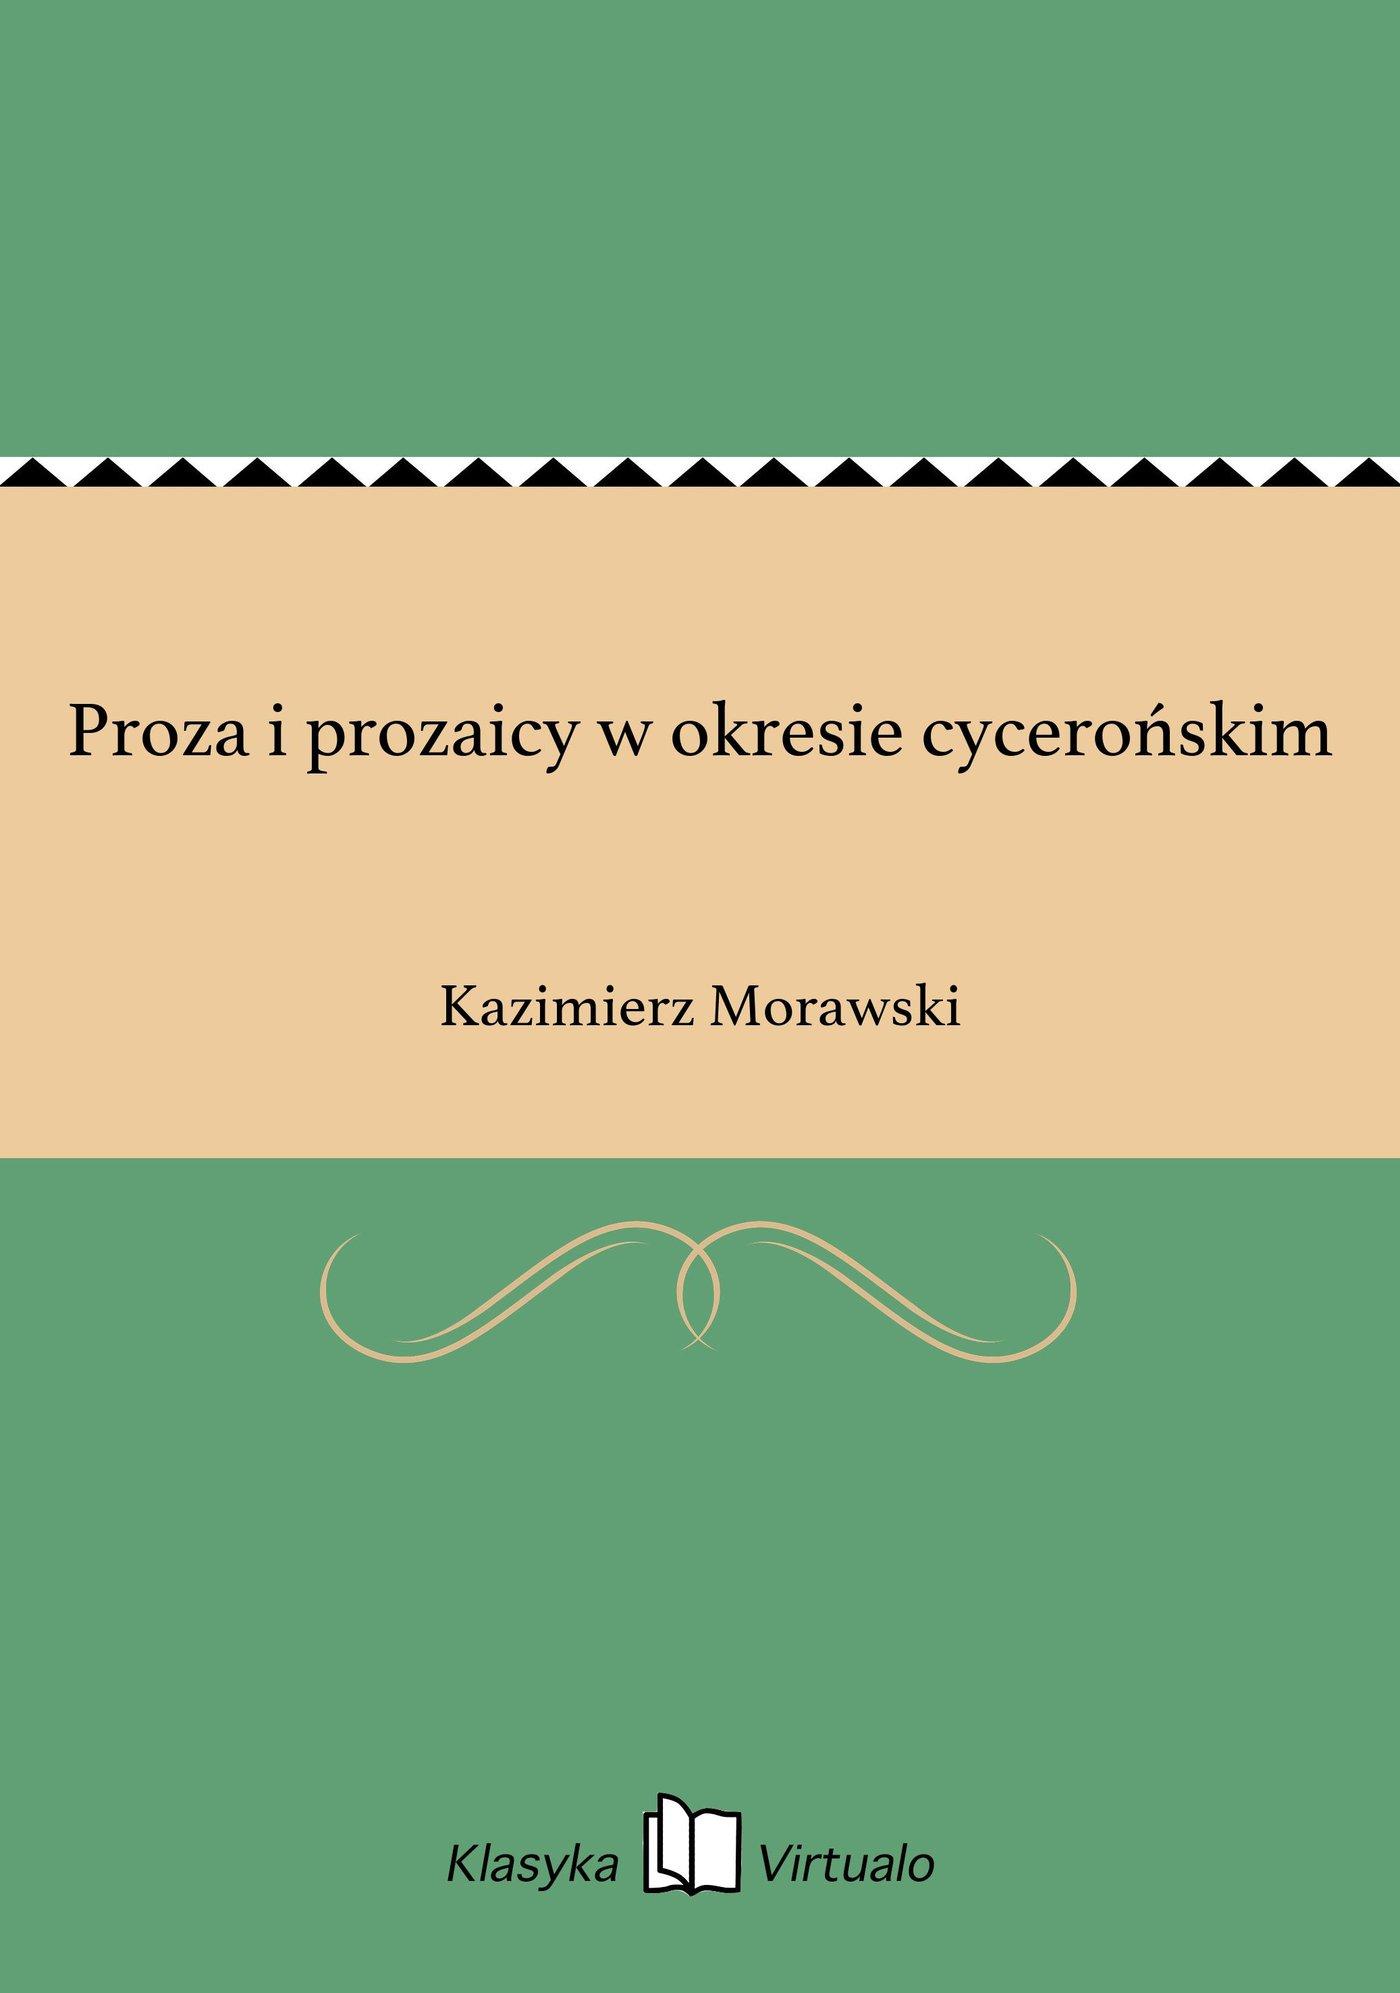 Proza i prozaicy w okresie cycerońskim - Ebook (Książka EPUB) do pobrania w formacie EPUB